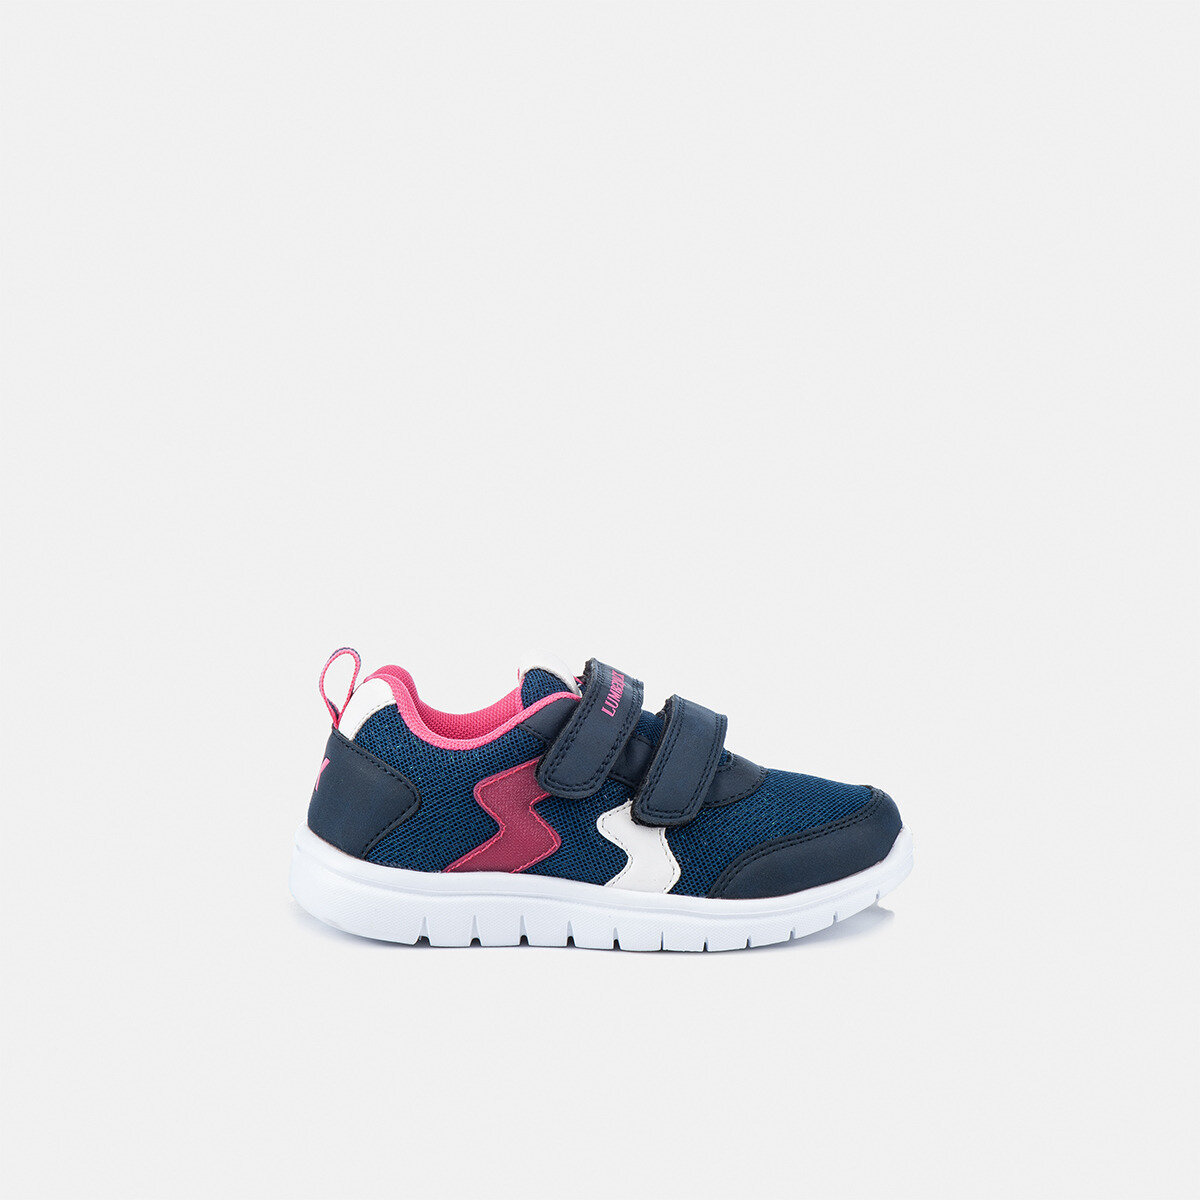 CRASH DK BLUE/FUXIA Girl Sneakers